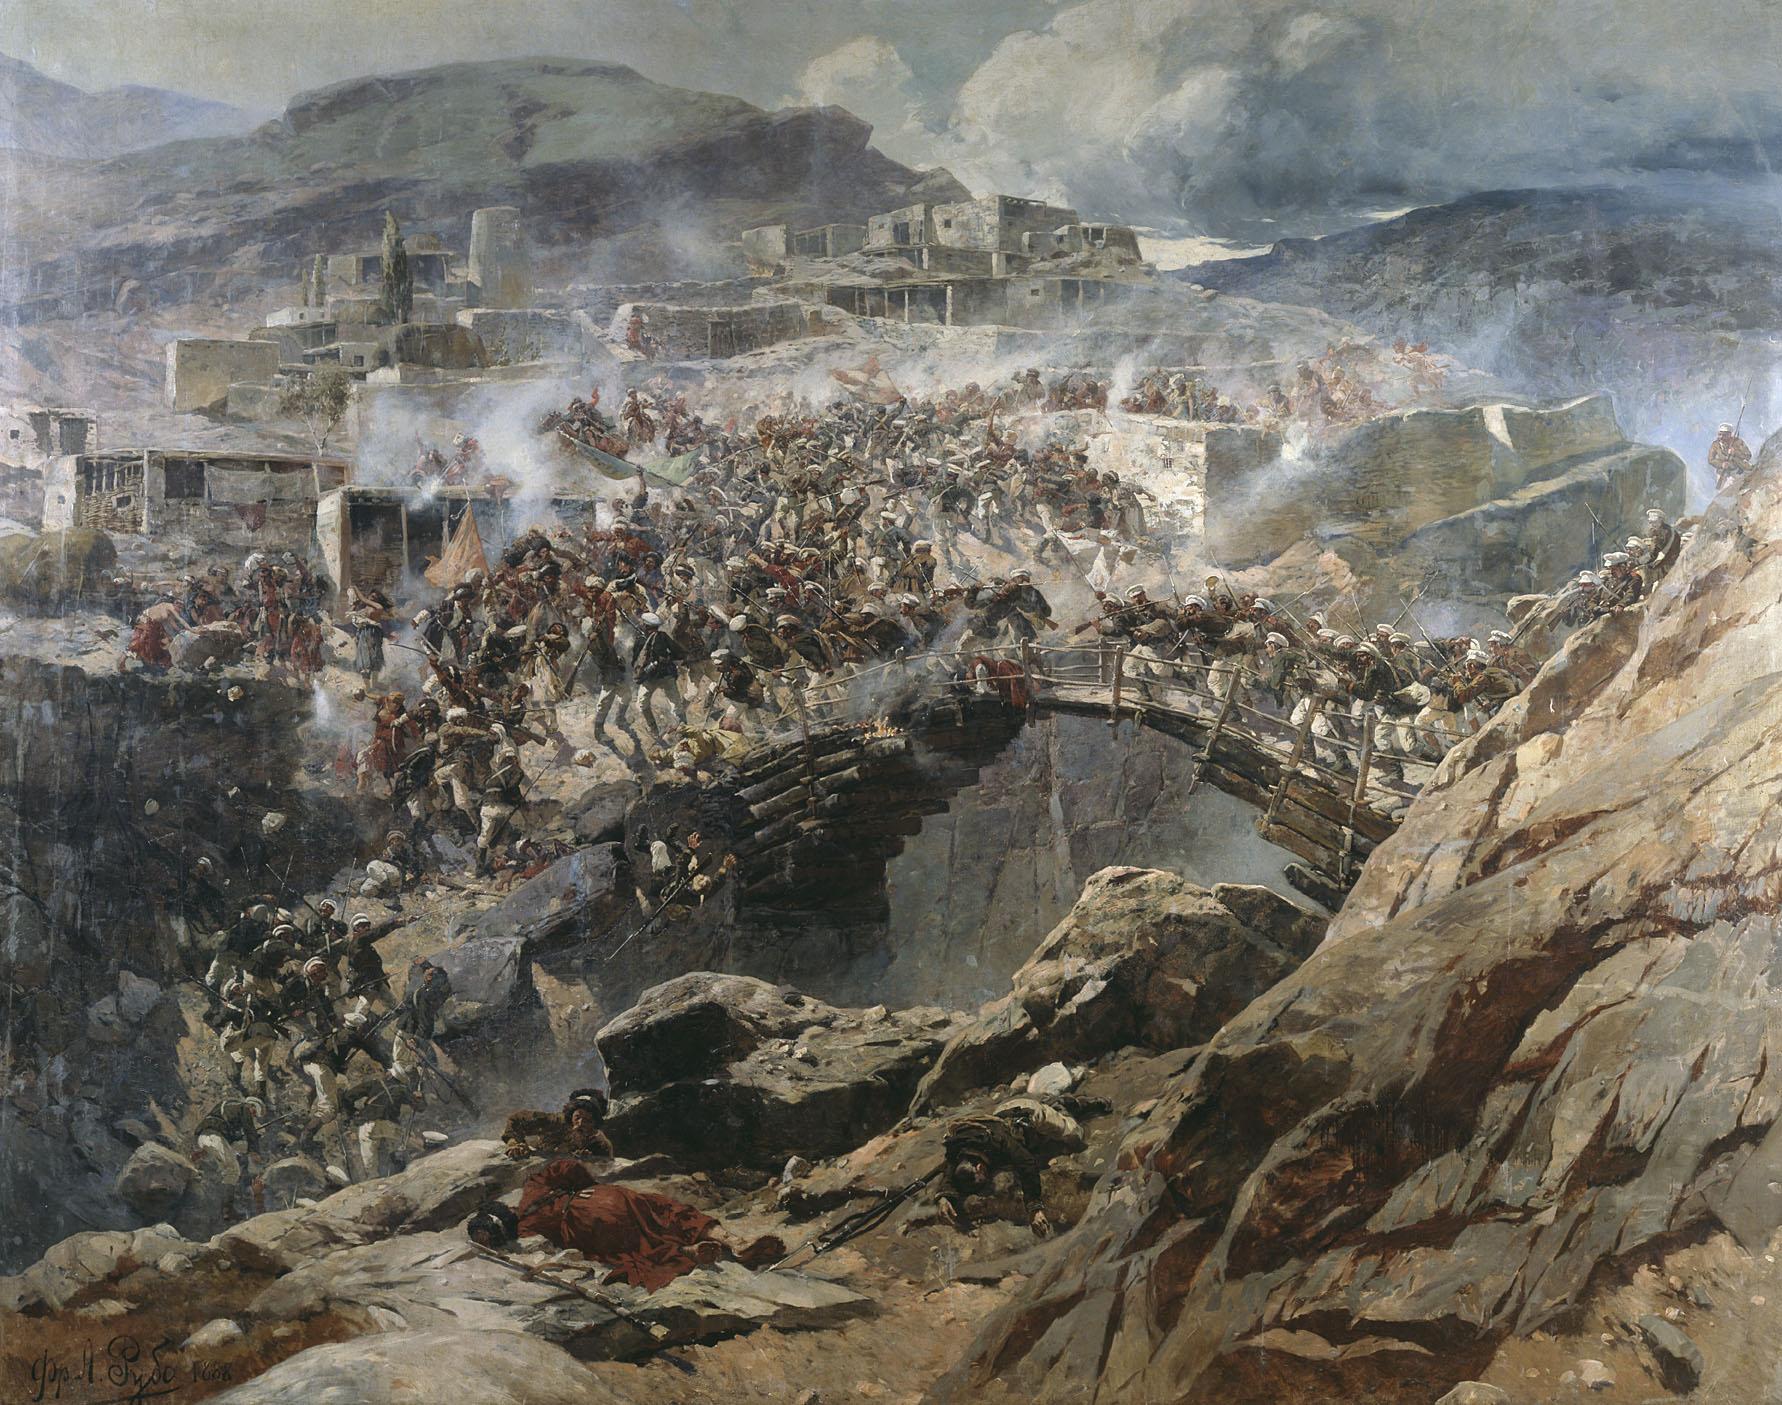 Франц Рубо, «Штурм аула Ахуль-го», резиденции Шамиля. 1839 год, спустя 20 лет после взятия Дади-Юрта